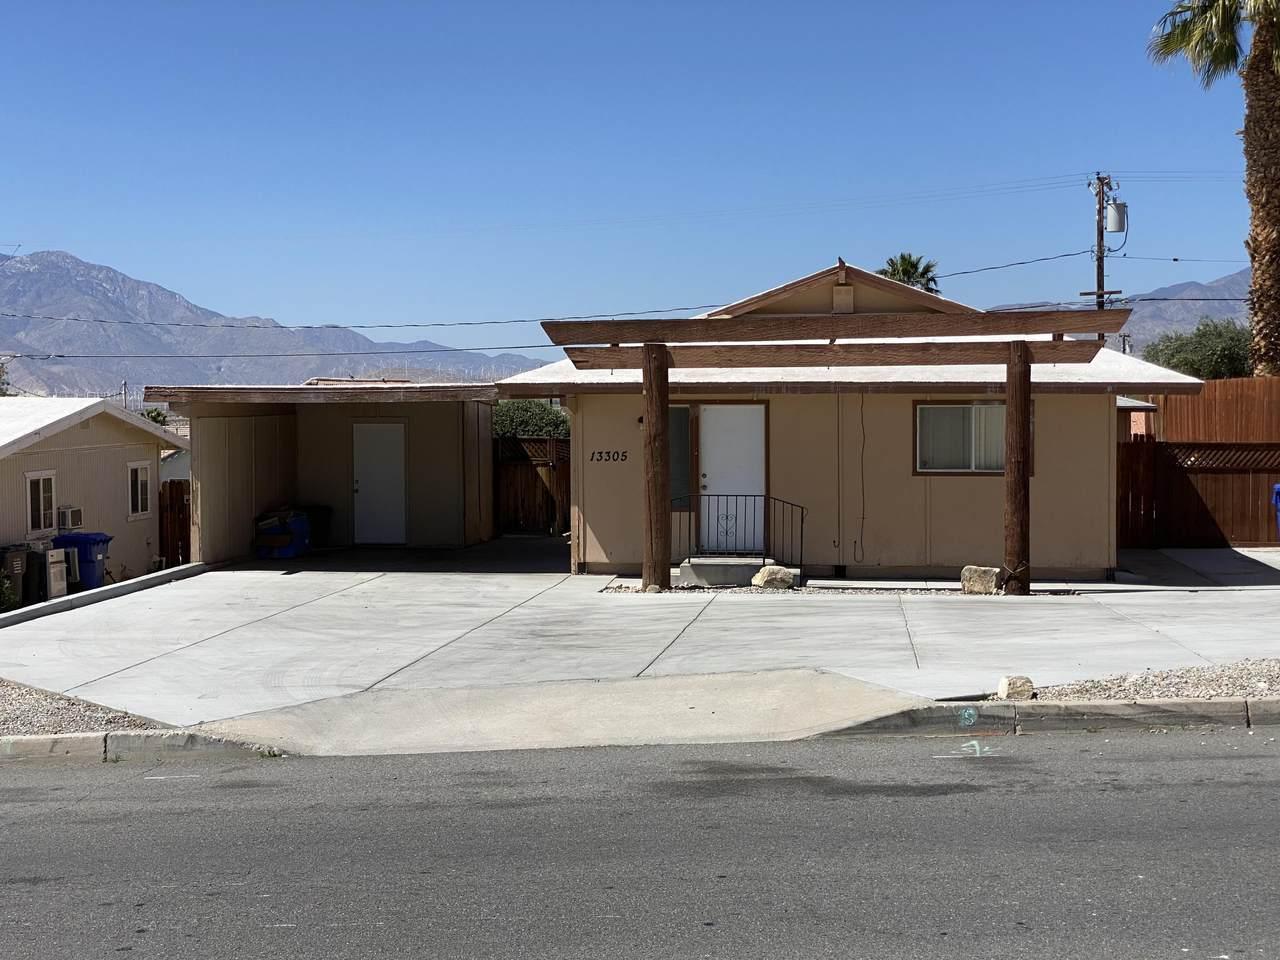 13305 Mountain View Rd. - Photo 1